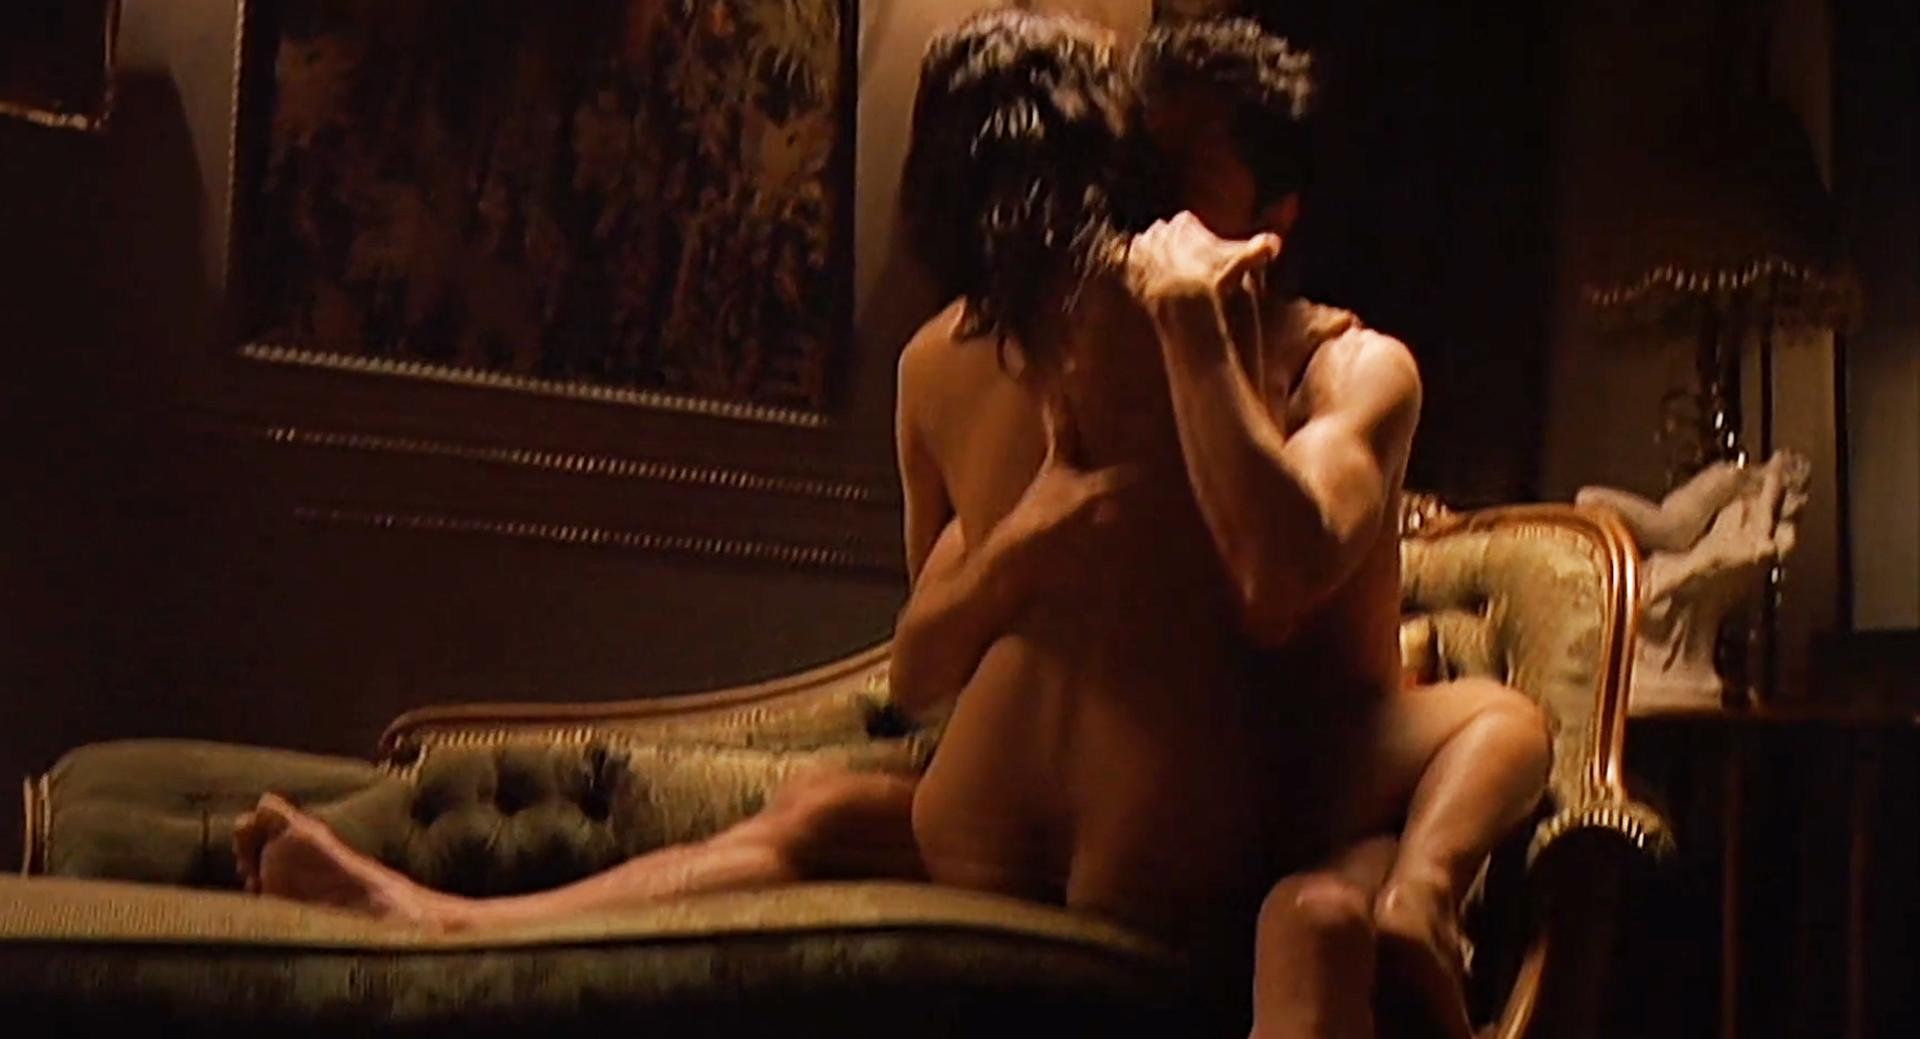 Jami gertz nude pictures